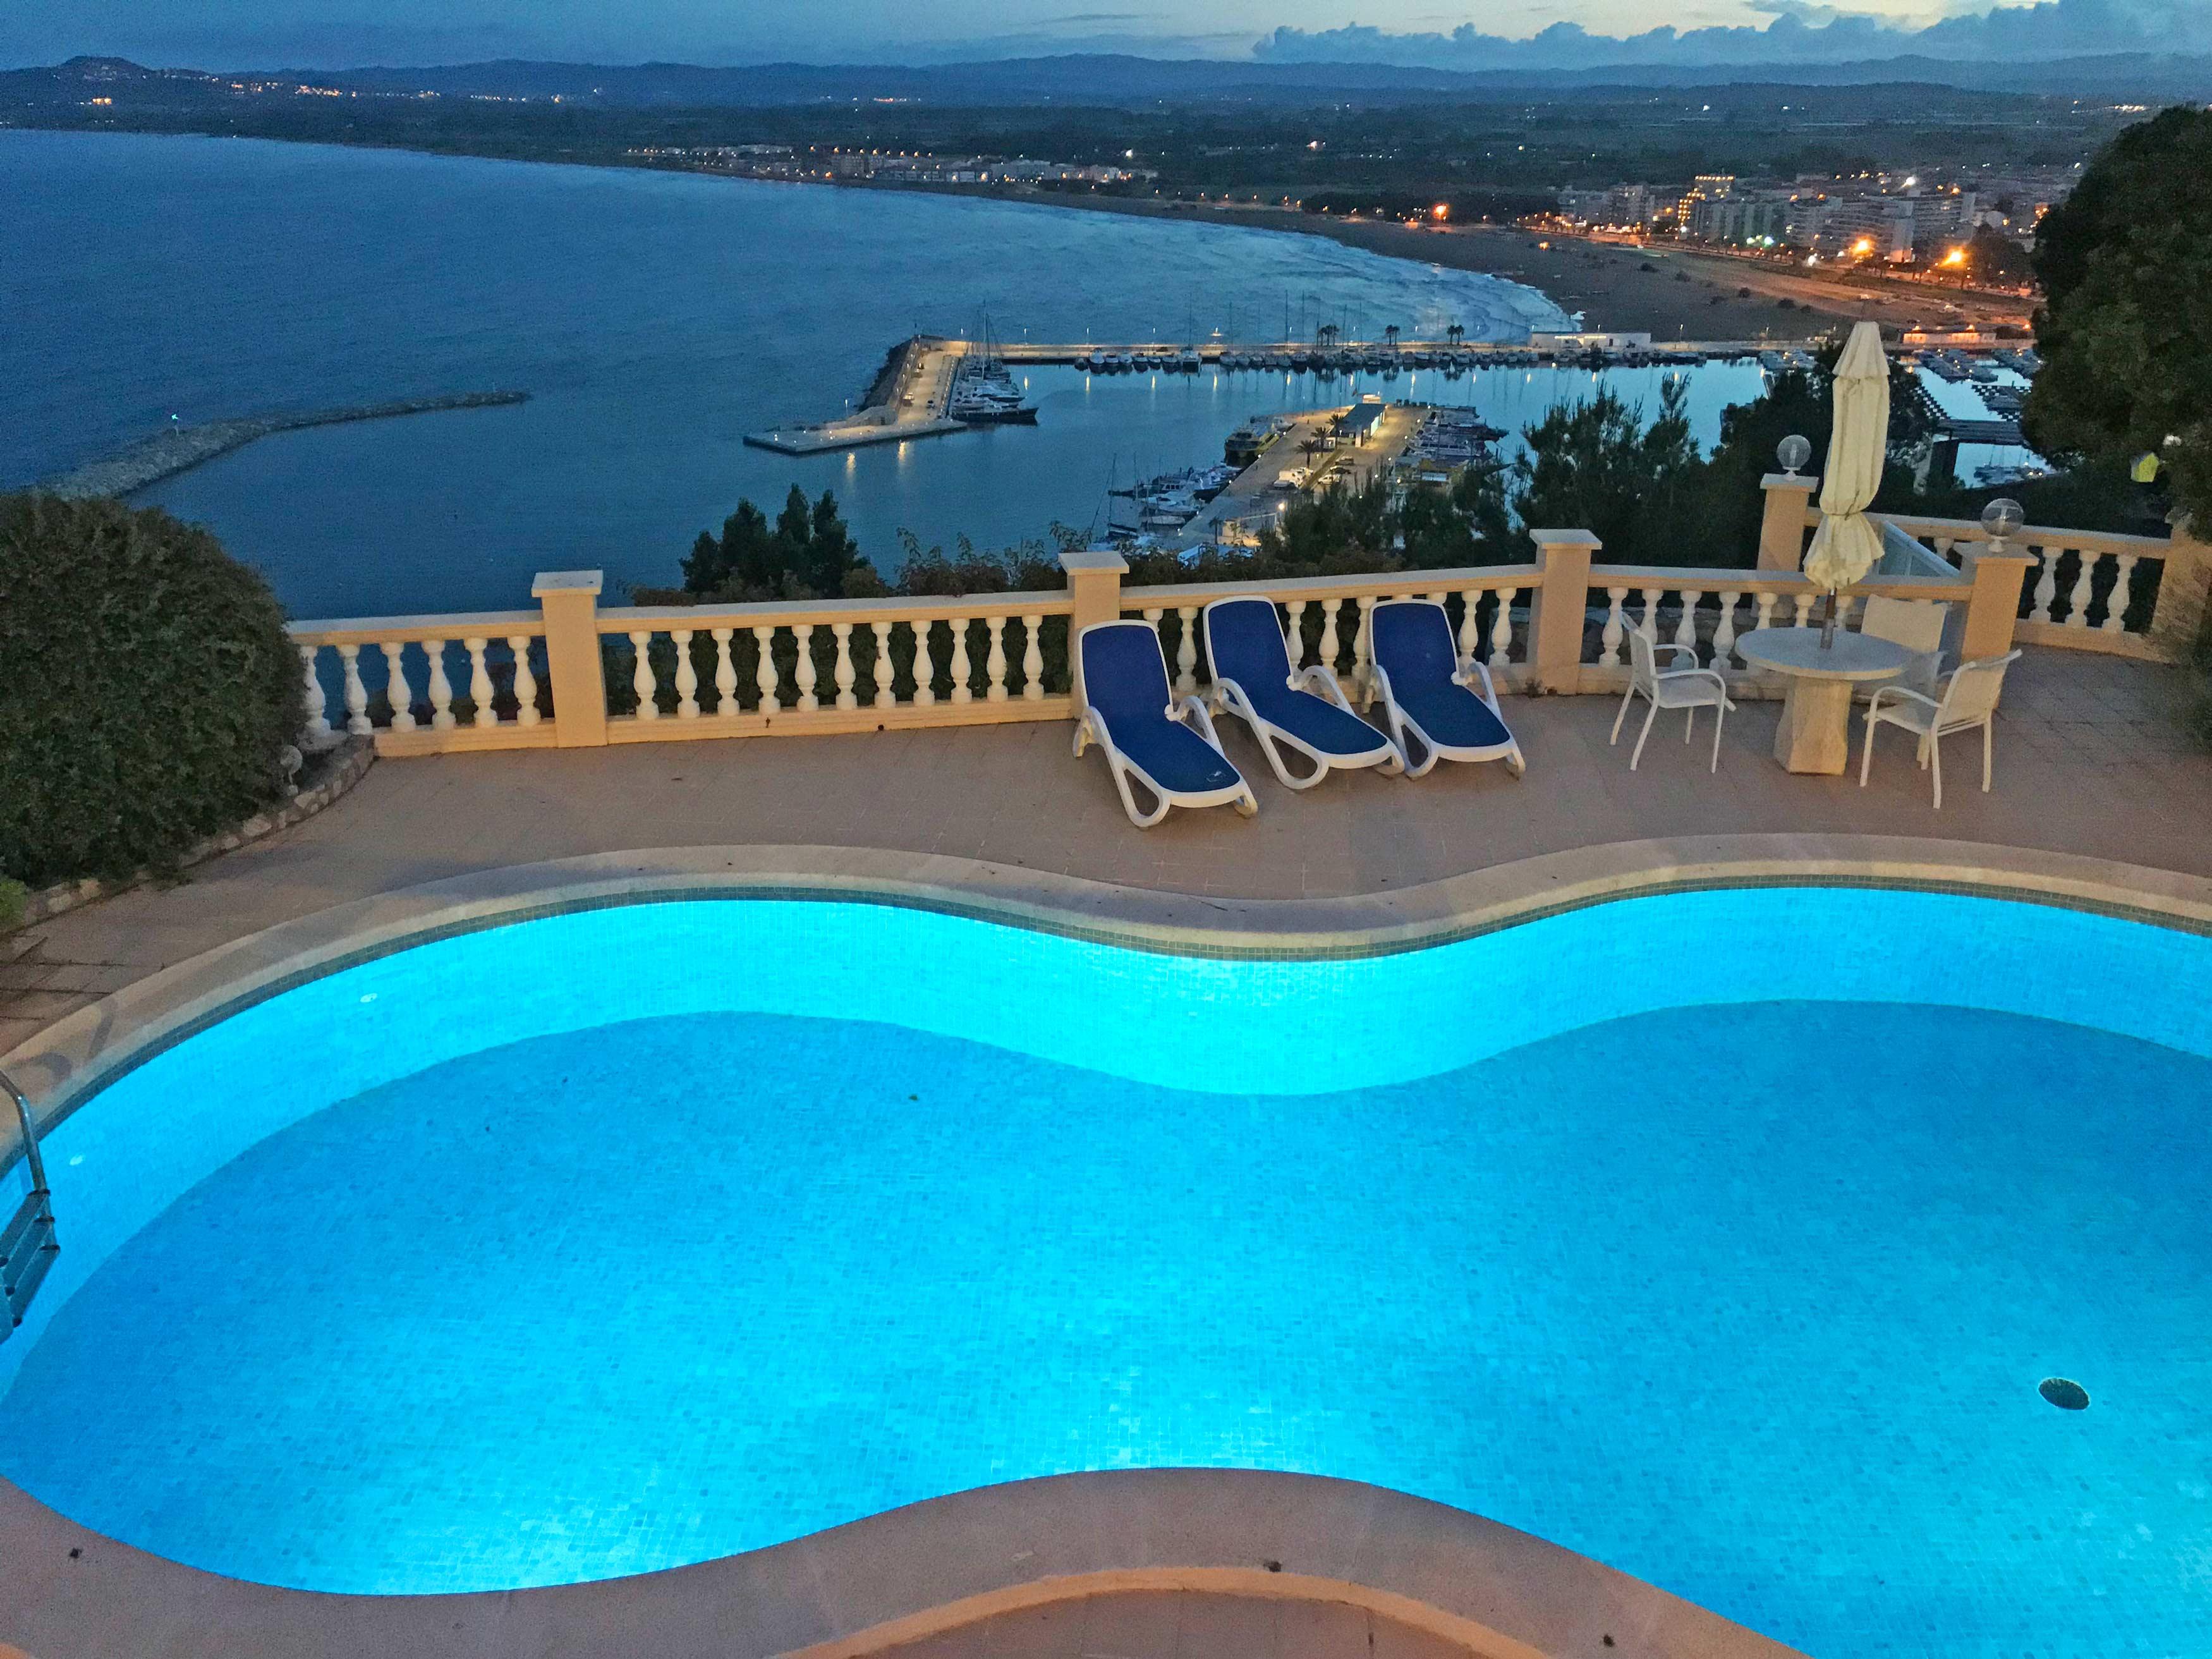 Prachtig uitzicht over de baai van l'Estartit